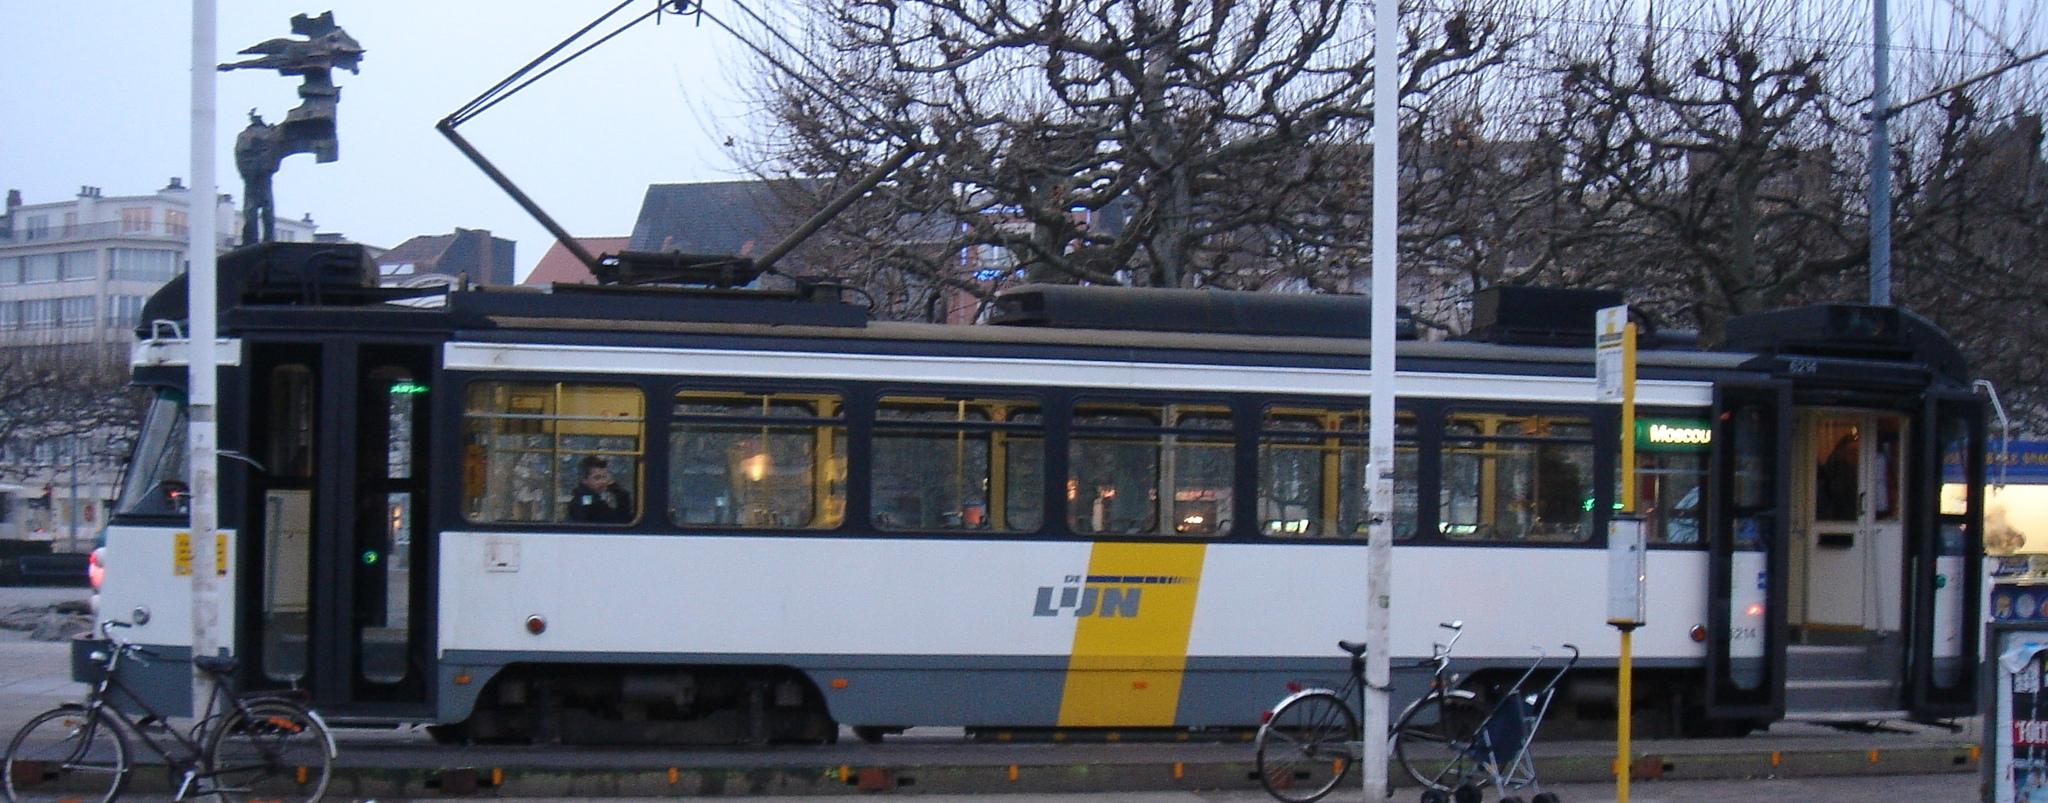 de lijn tram